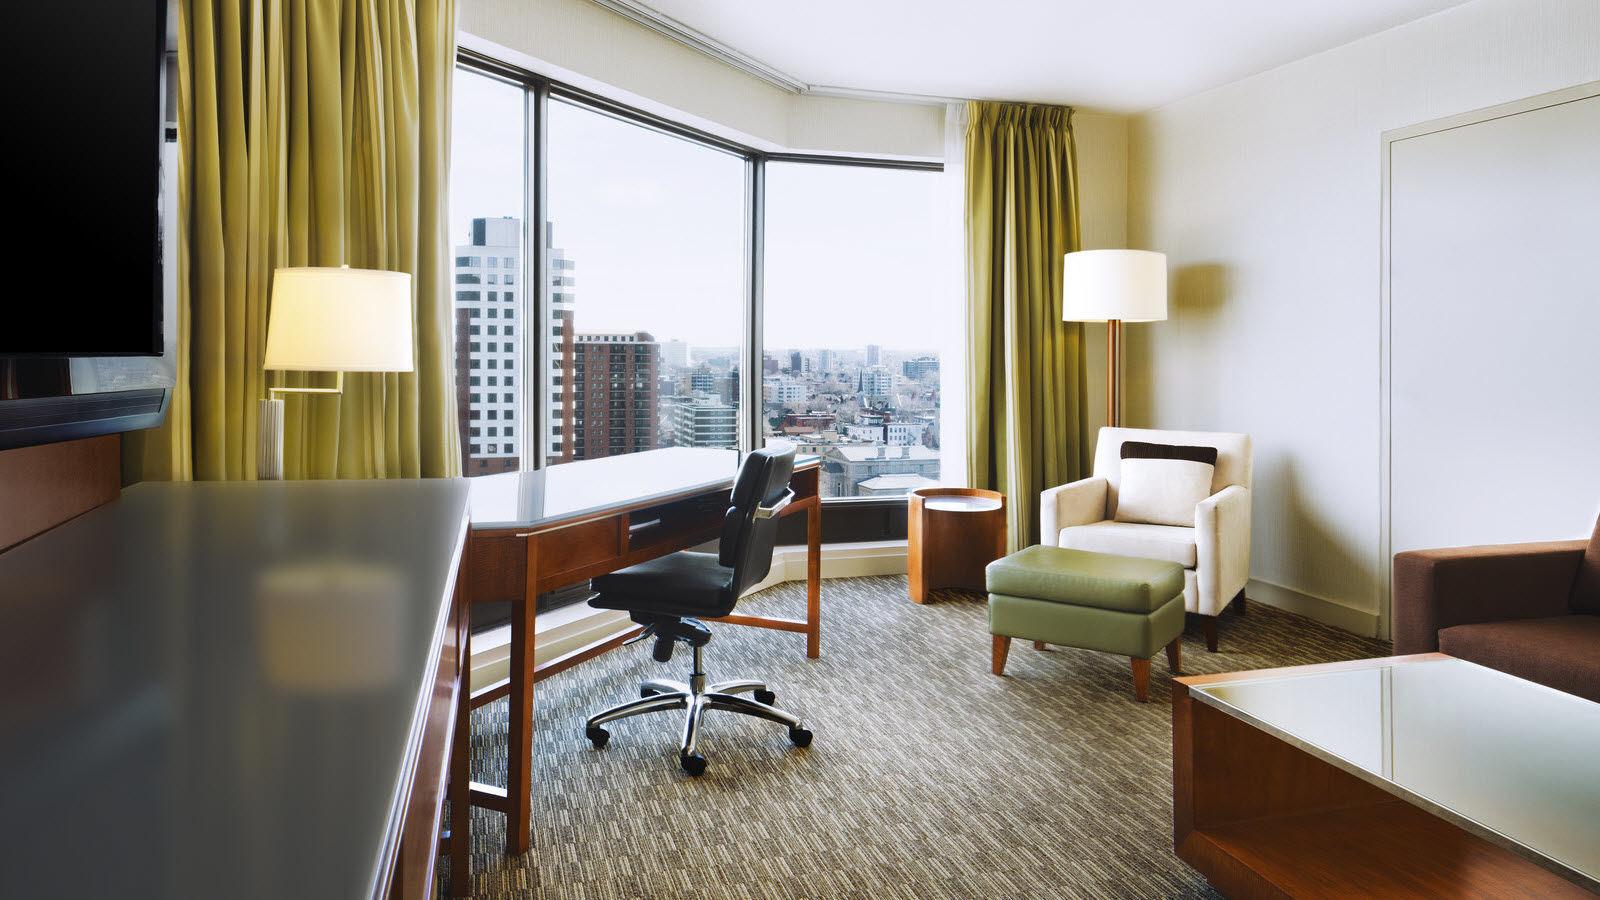 Rideau Inn, Ottawa, Canada - Booking.com